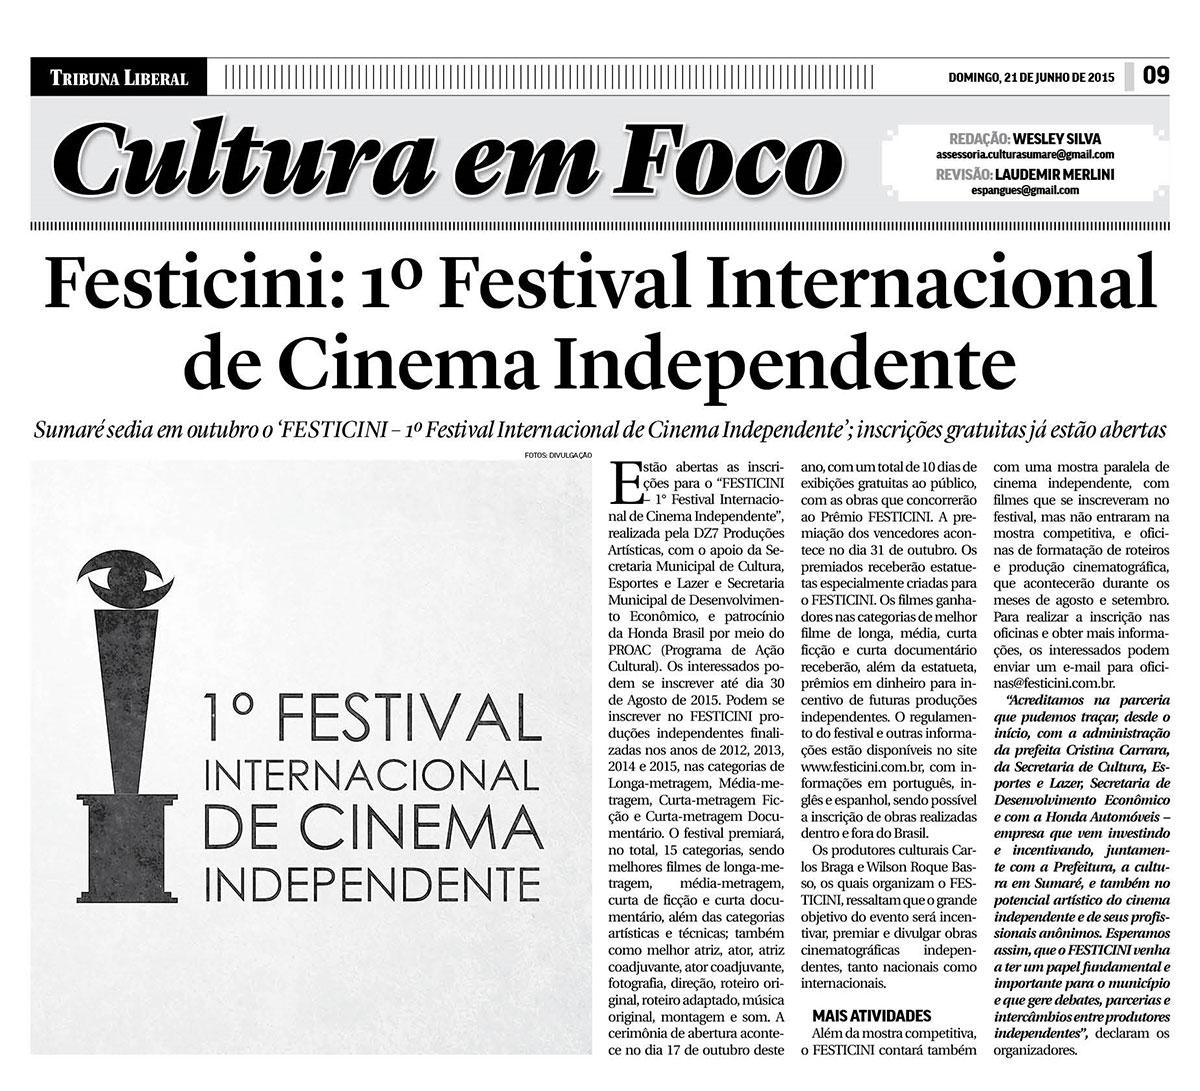 Festicini: 1º Festival Internacional de Cinema Independente